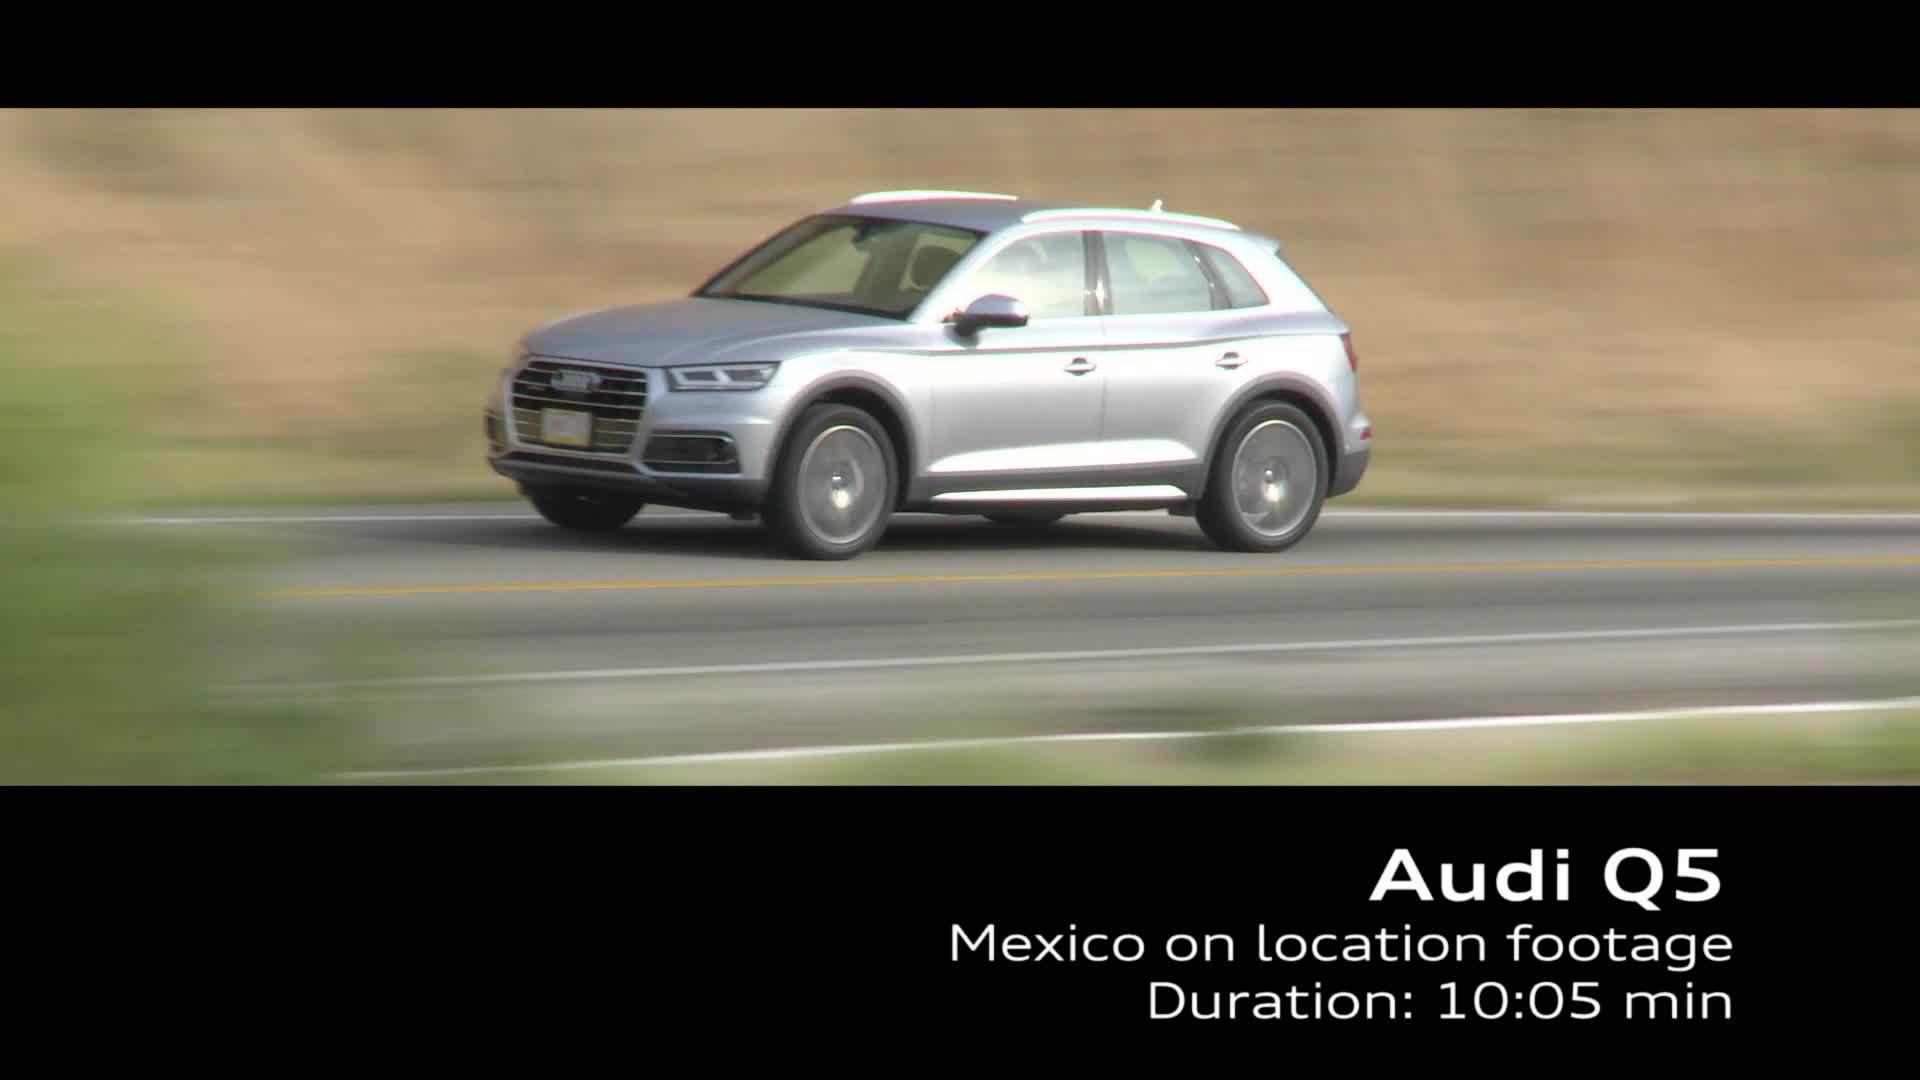 Audi Q5 on location Footage TDI